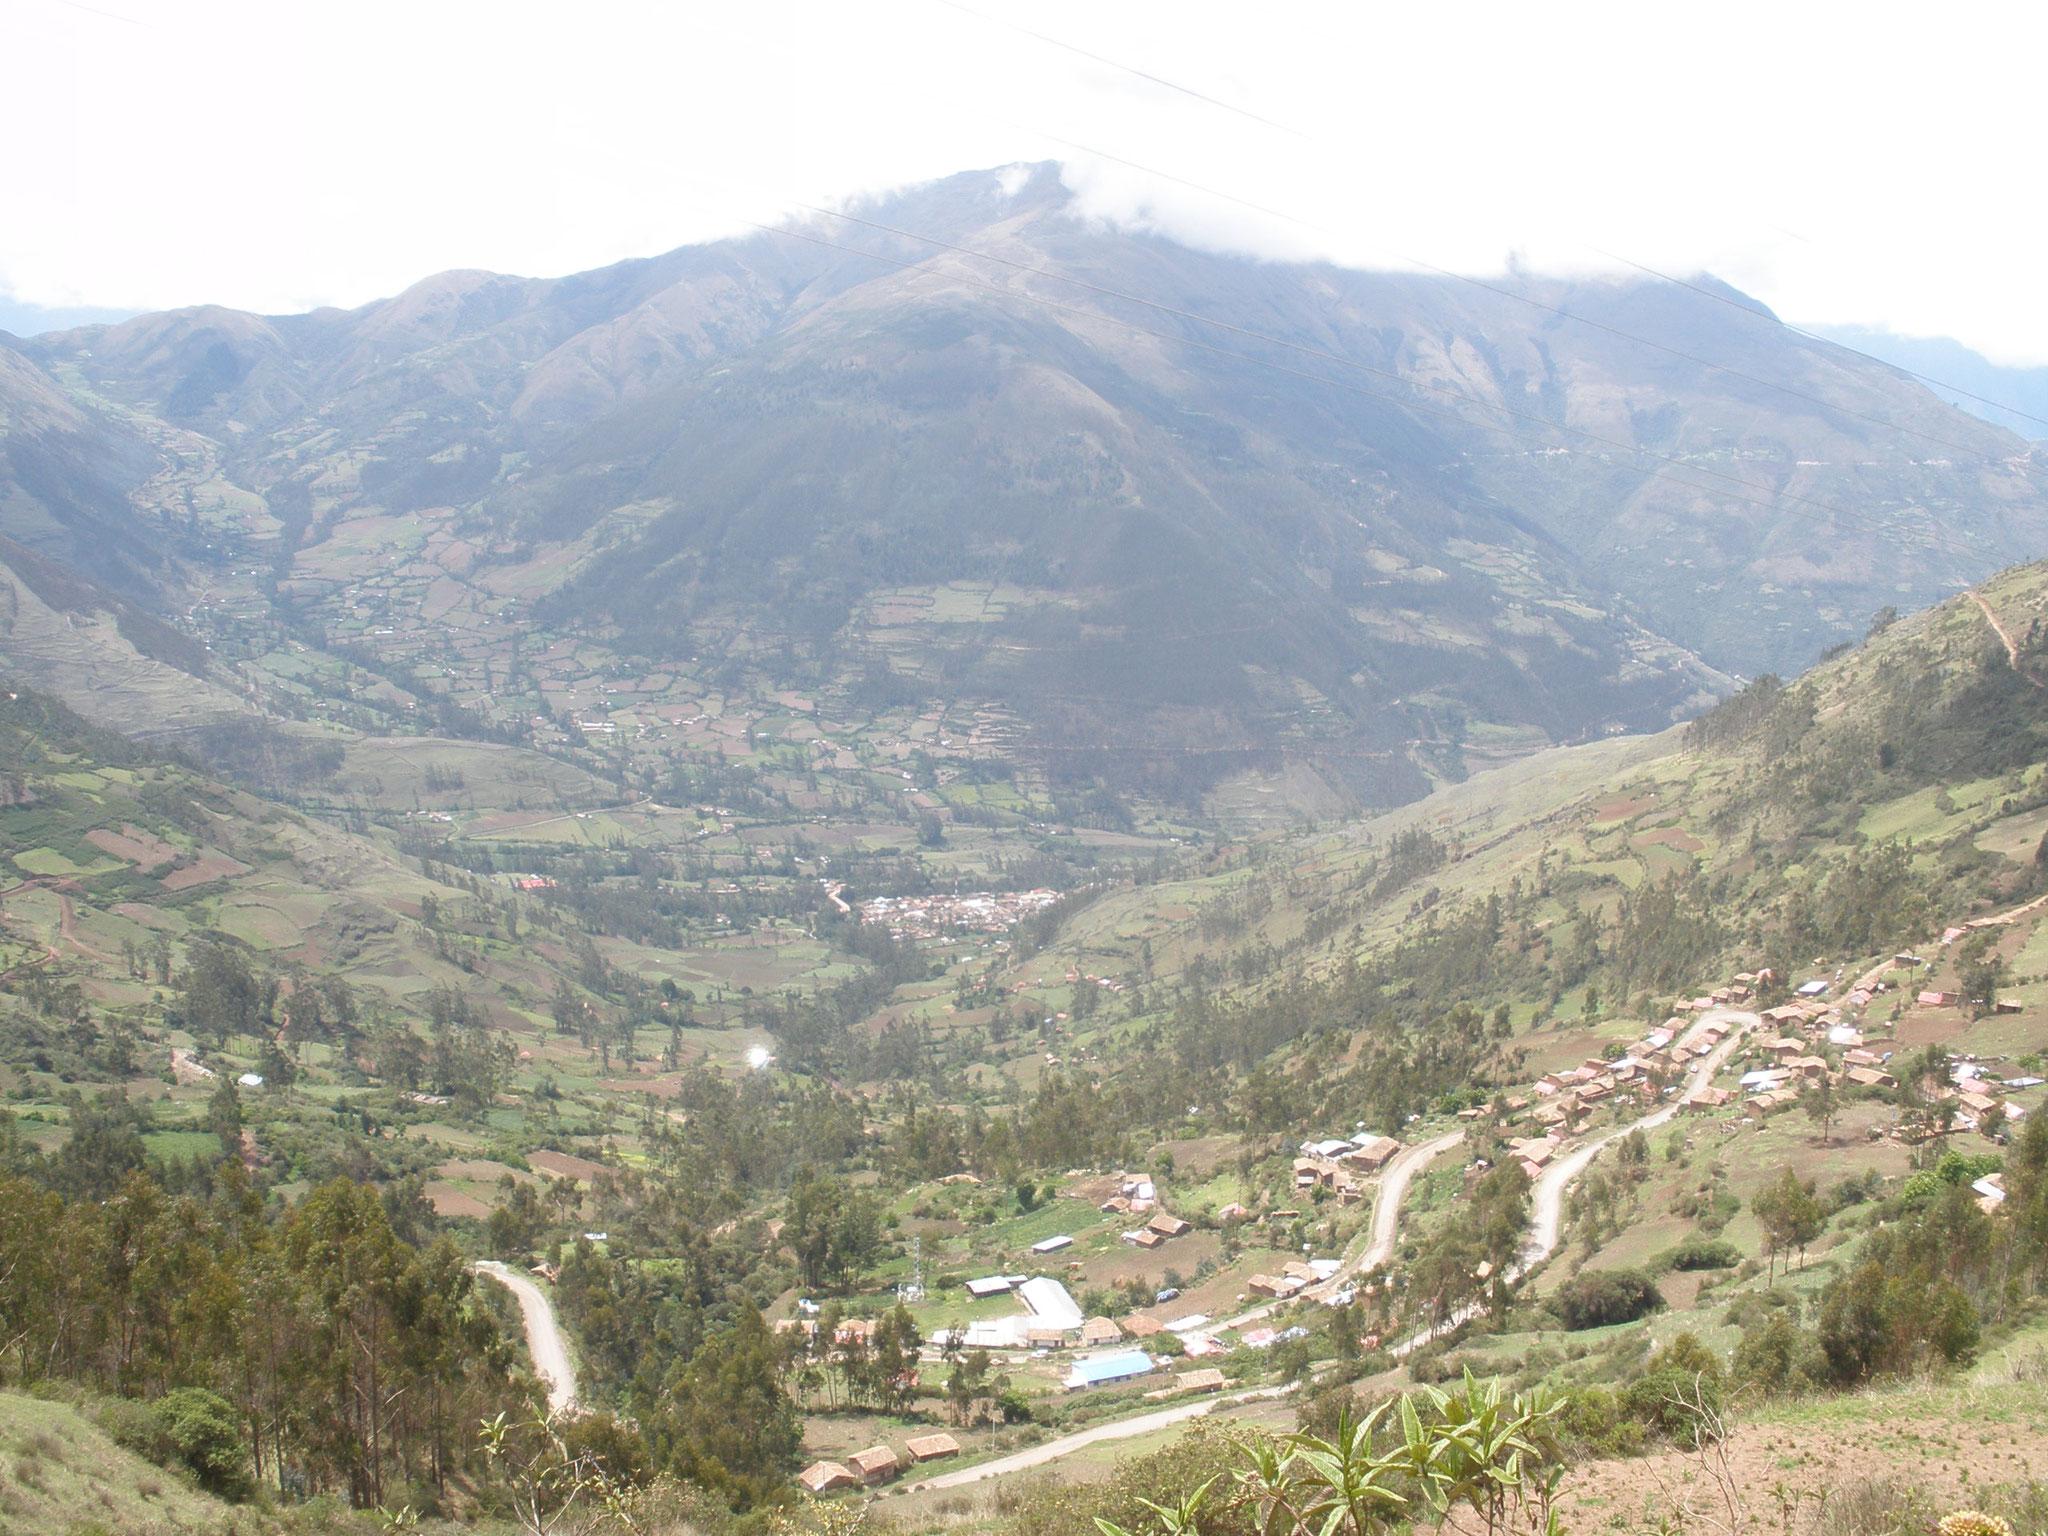 El Valle de Cachora